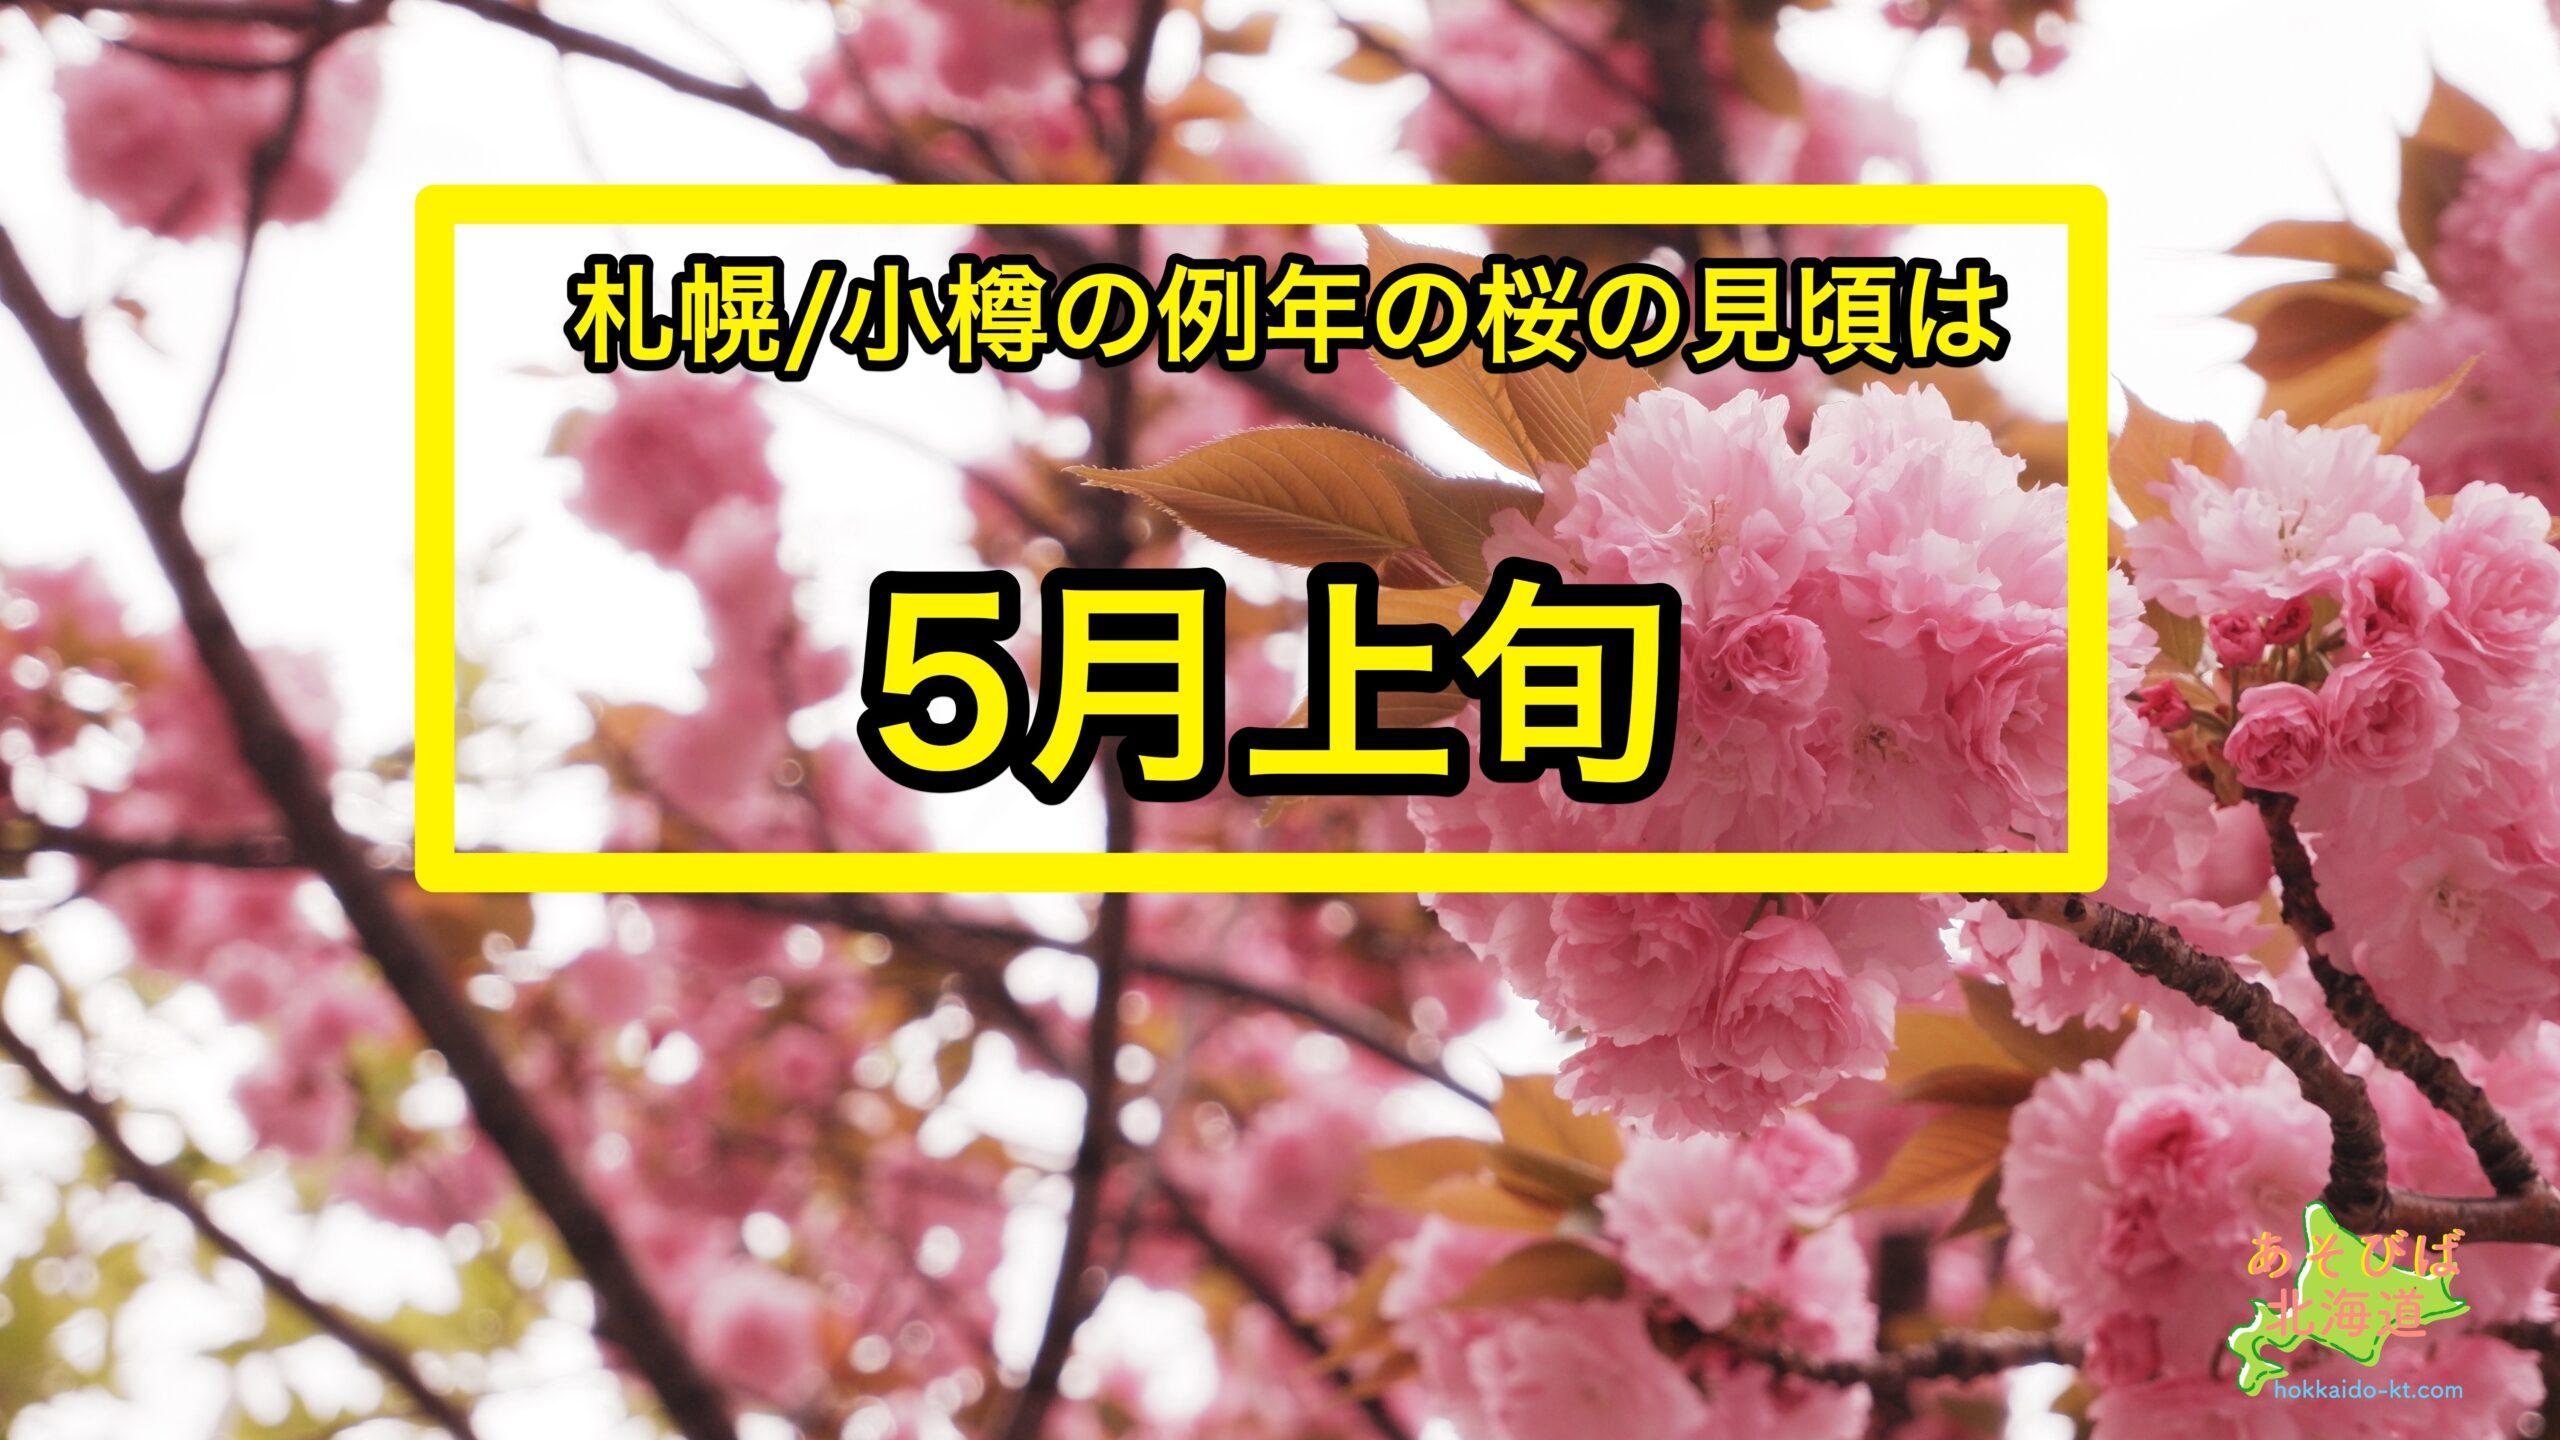 札幌、小樽の例年の桜の見頃は5月上旬